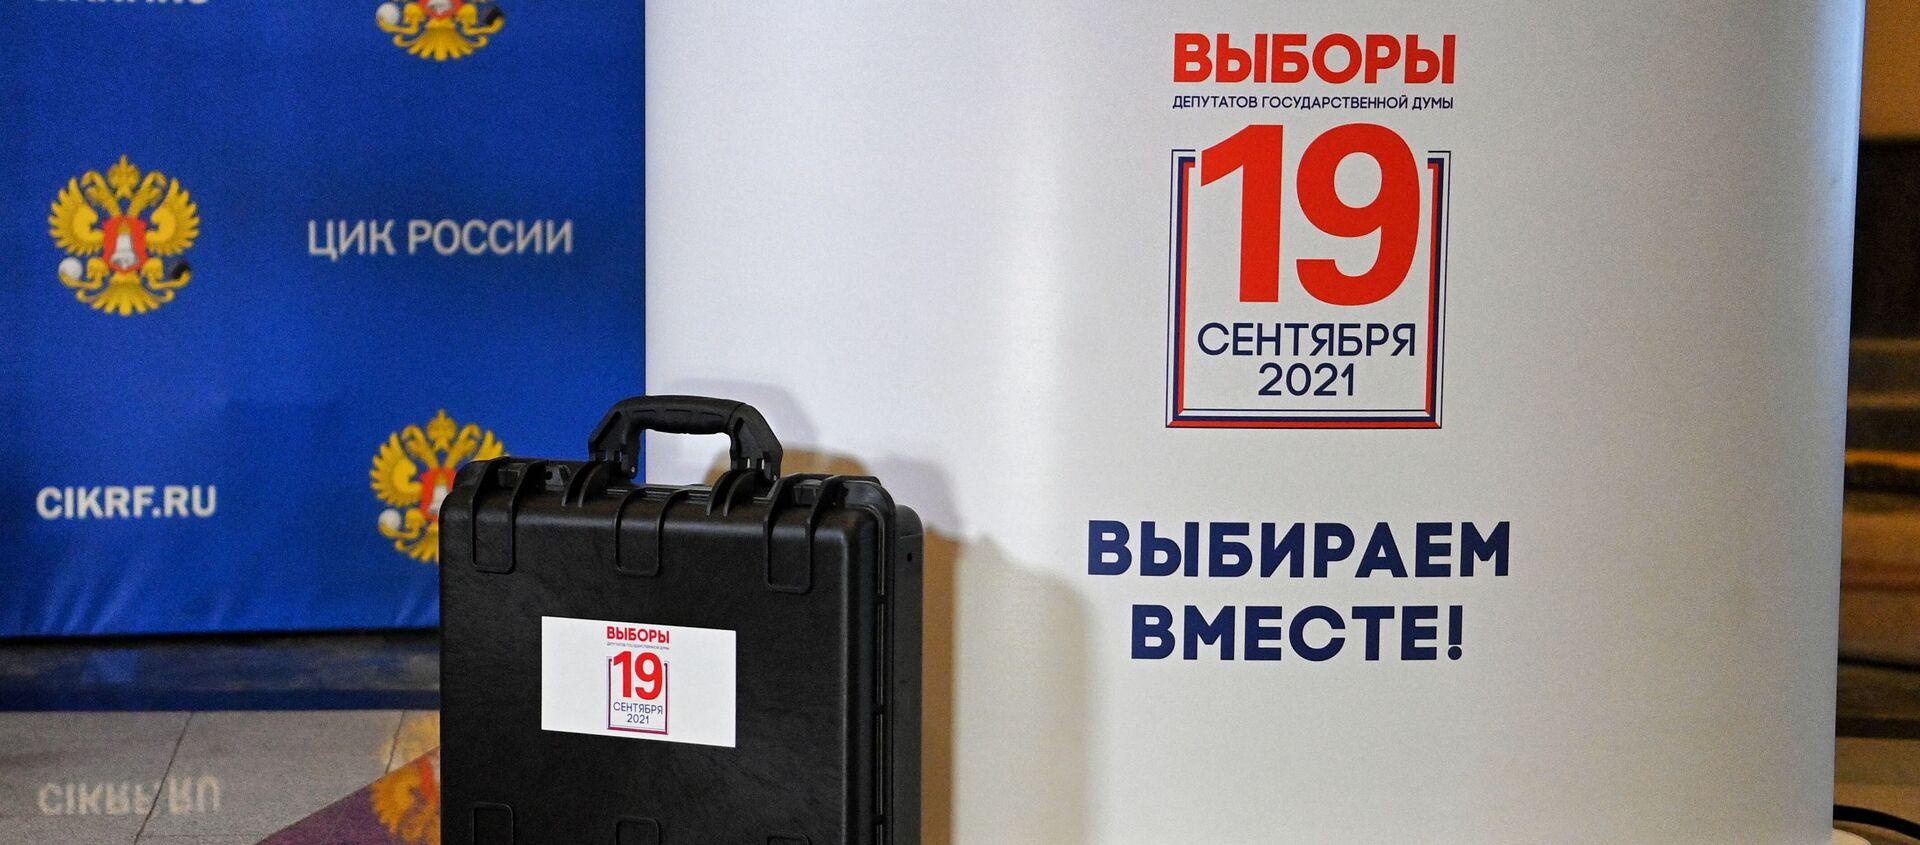 Работа Информационного центра ЦИК РФ  - Sputnik Южная Осетия, 1920, 20.09.2021